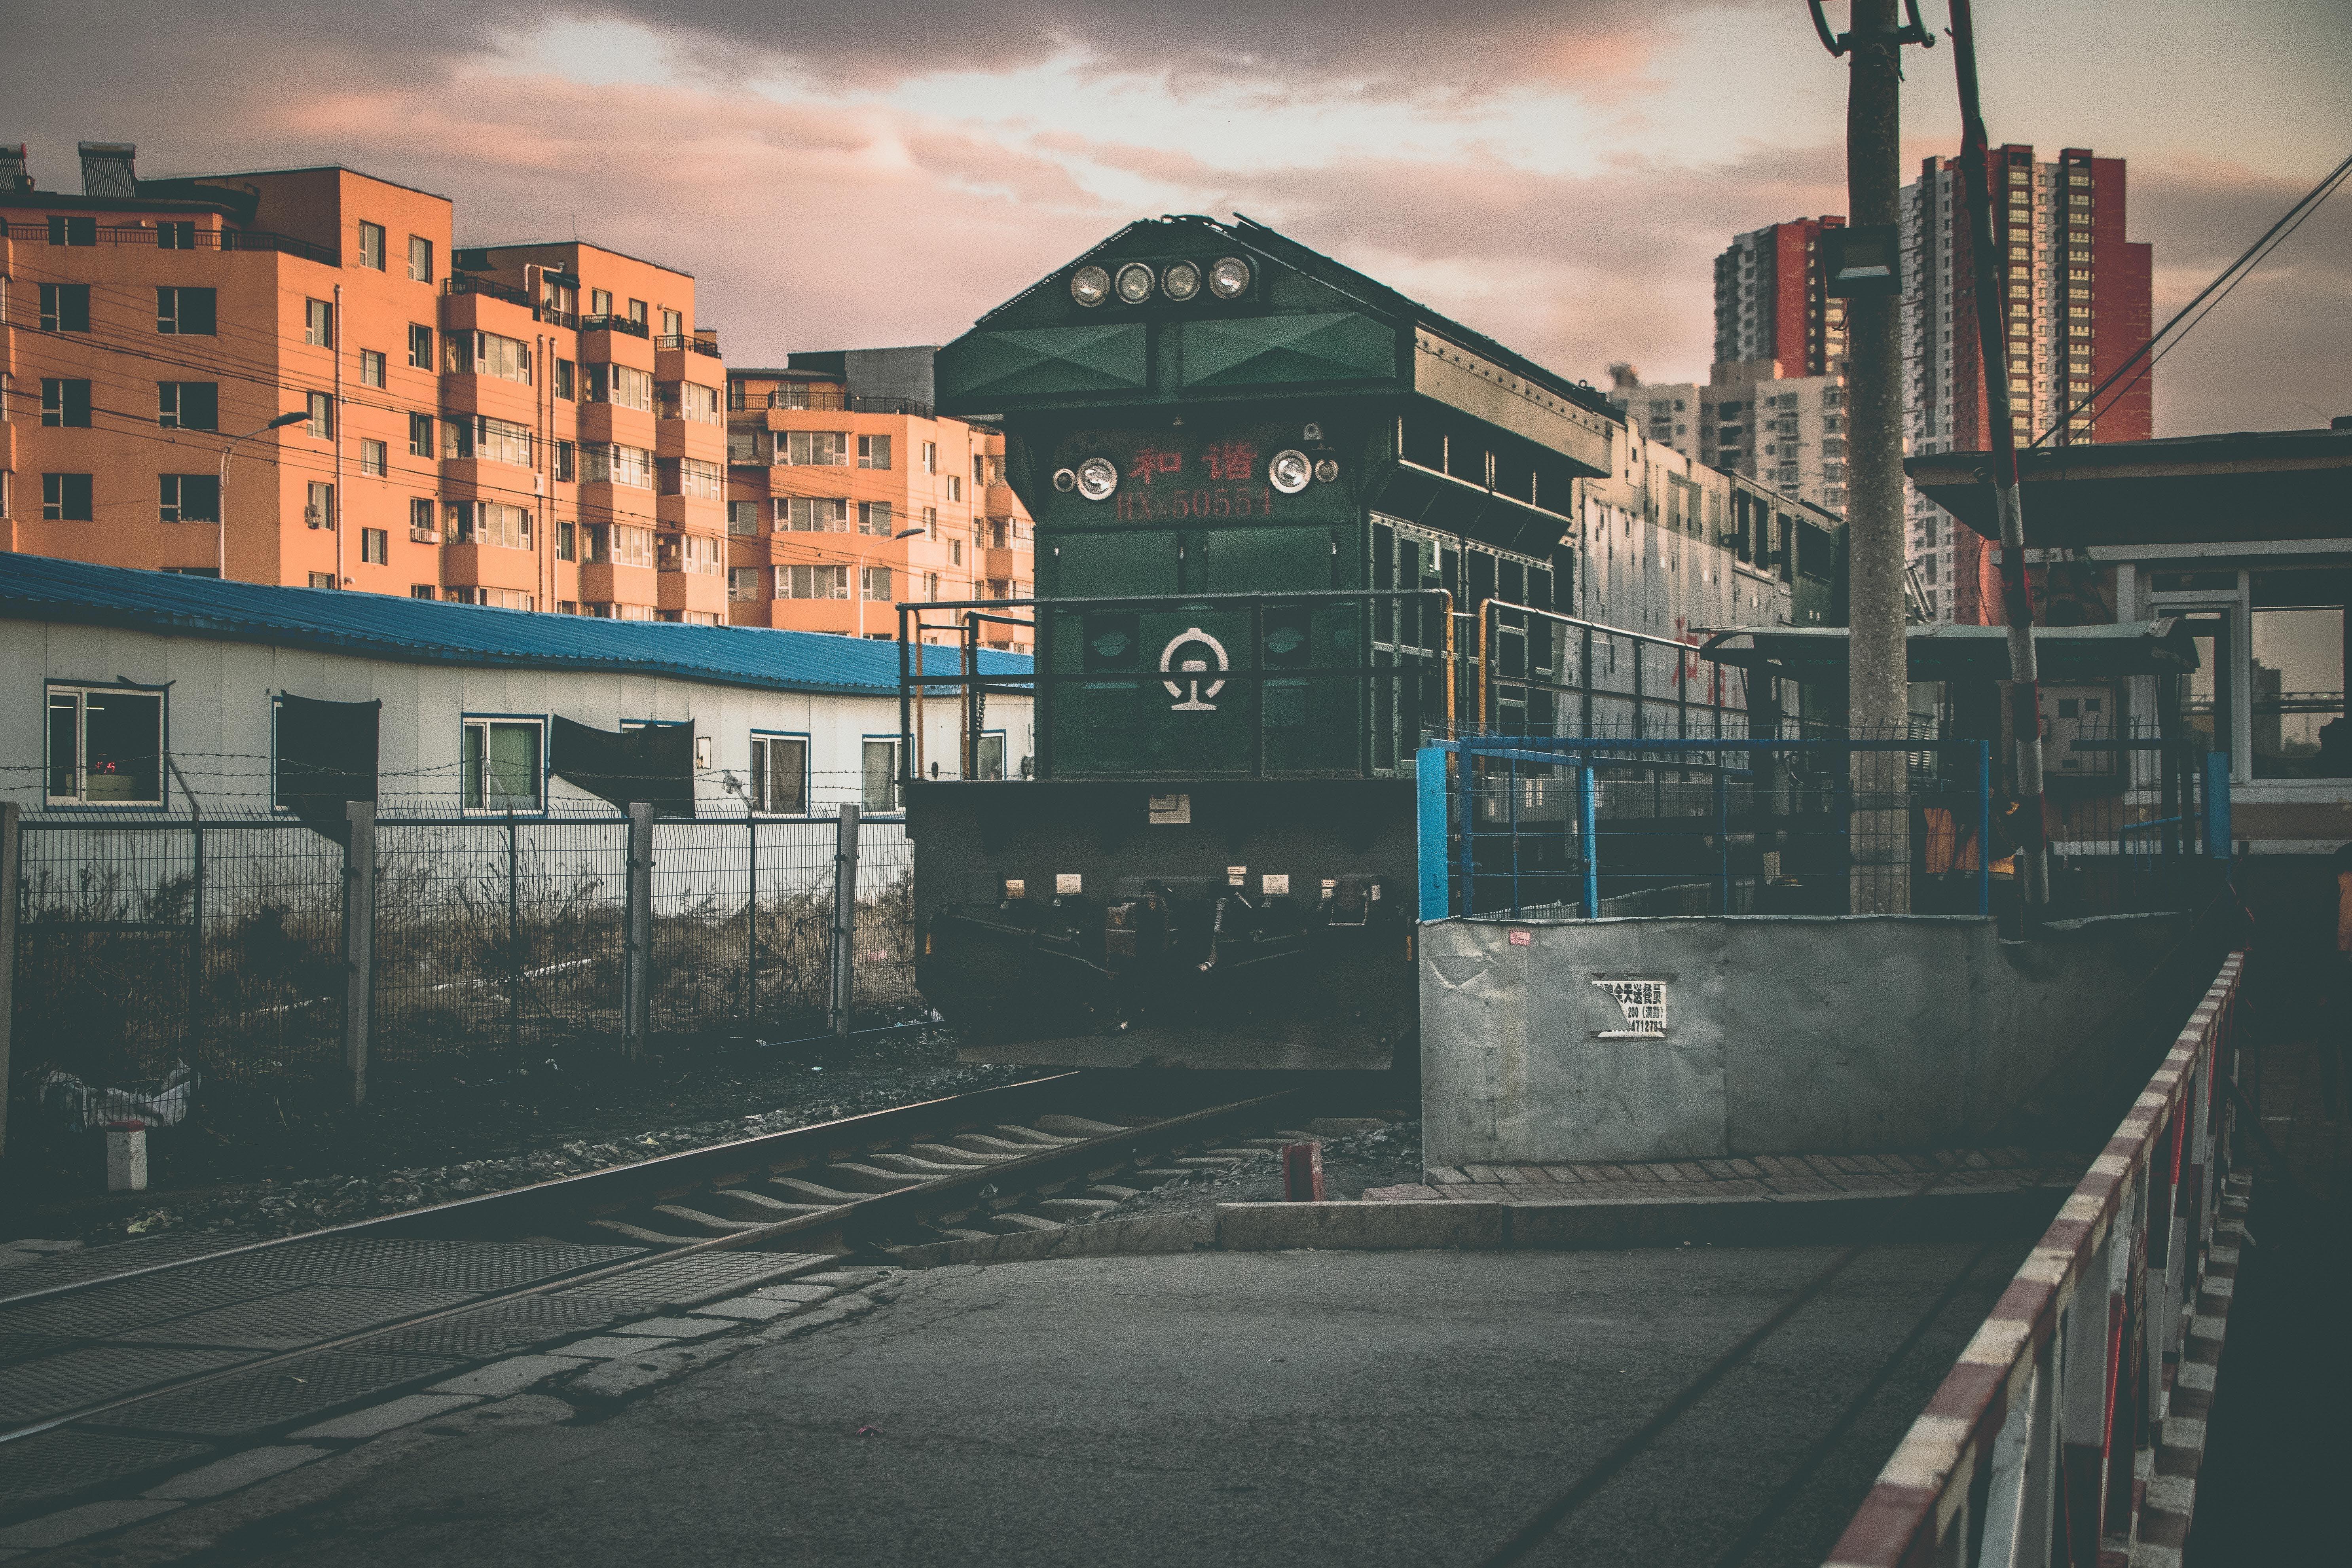 교통체계, 기차, 기차역, 대중교통의 무료 스톡 사진